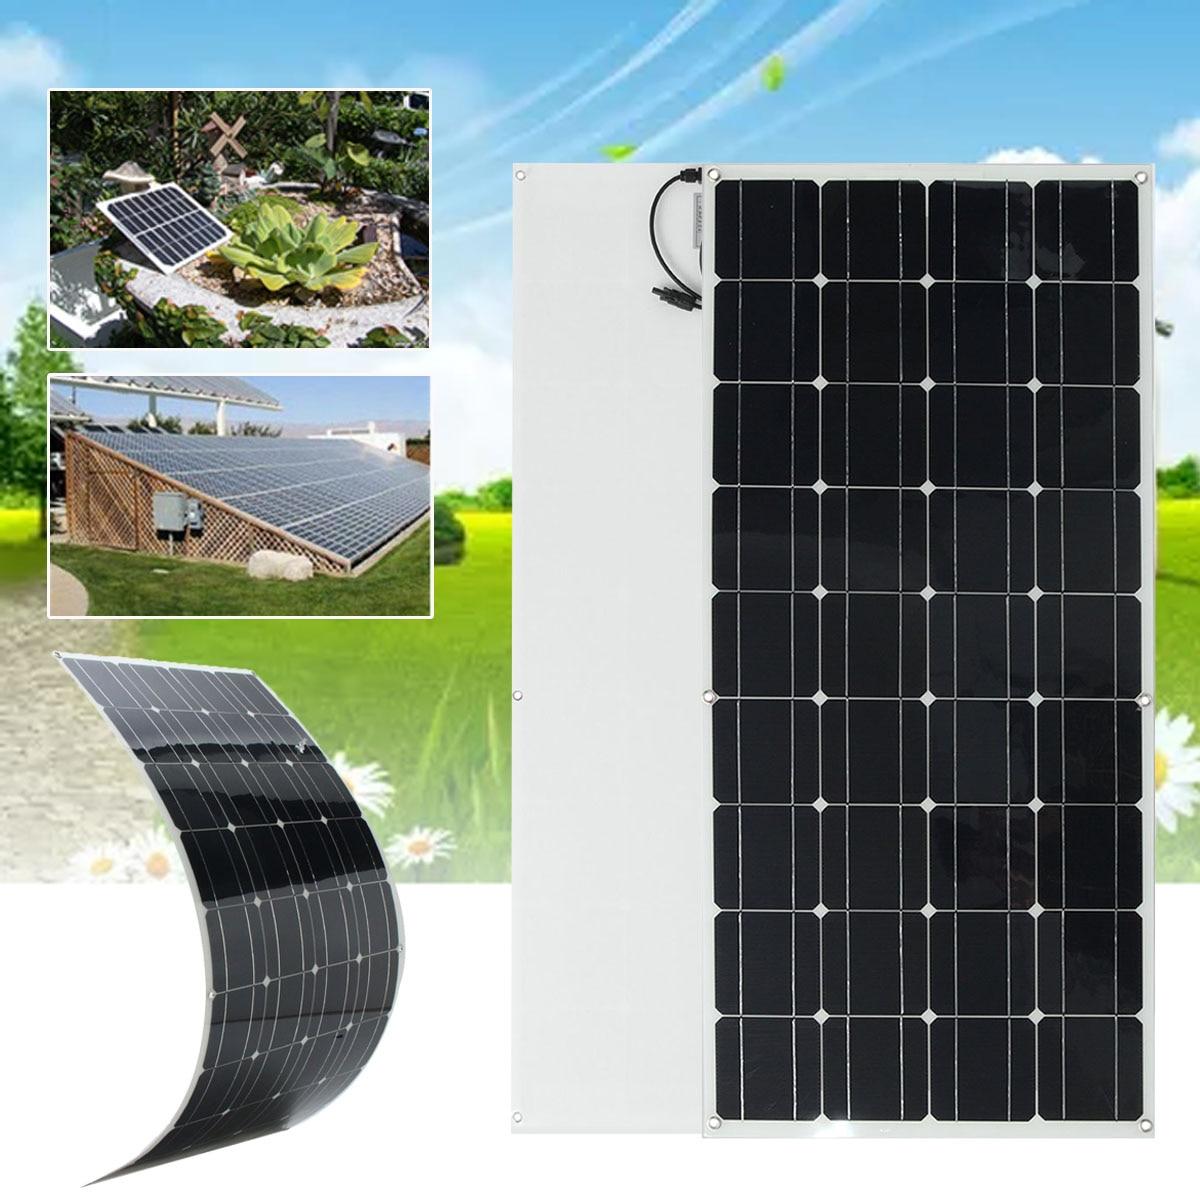 KINCO Flexible panneau solaire plaque 200 W 18 V chargeur solaire pour voiture batterie 12 V Sunpower monocristallin silicium cellules Module Kit